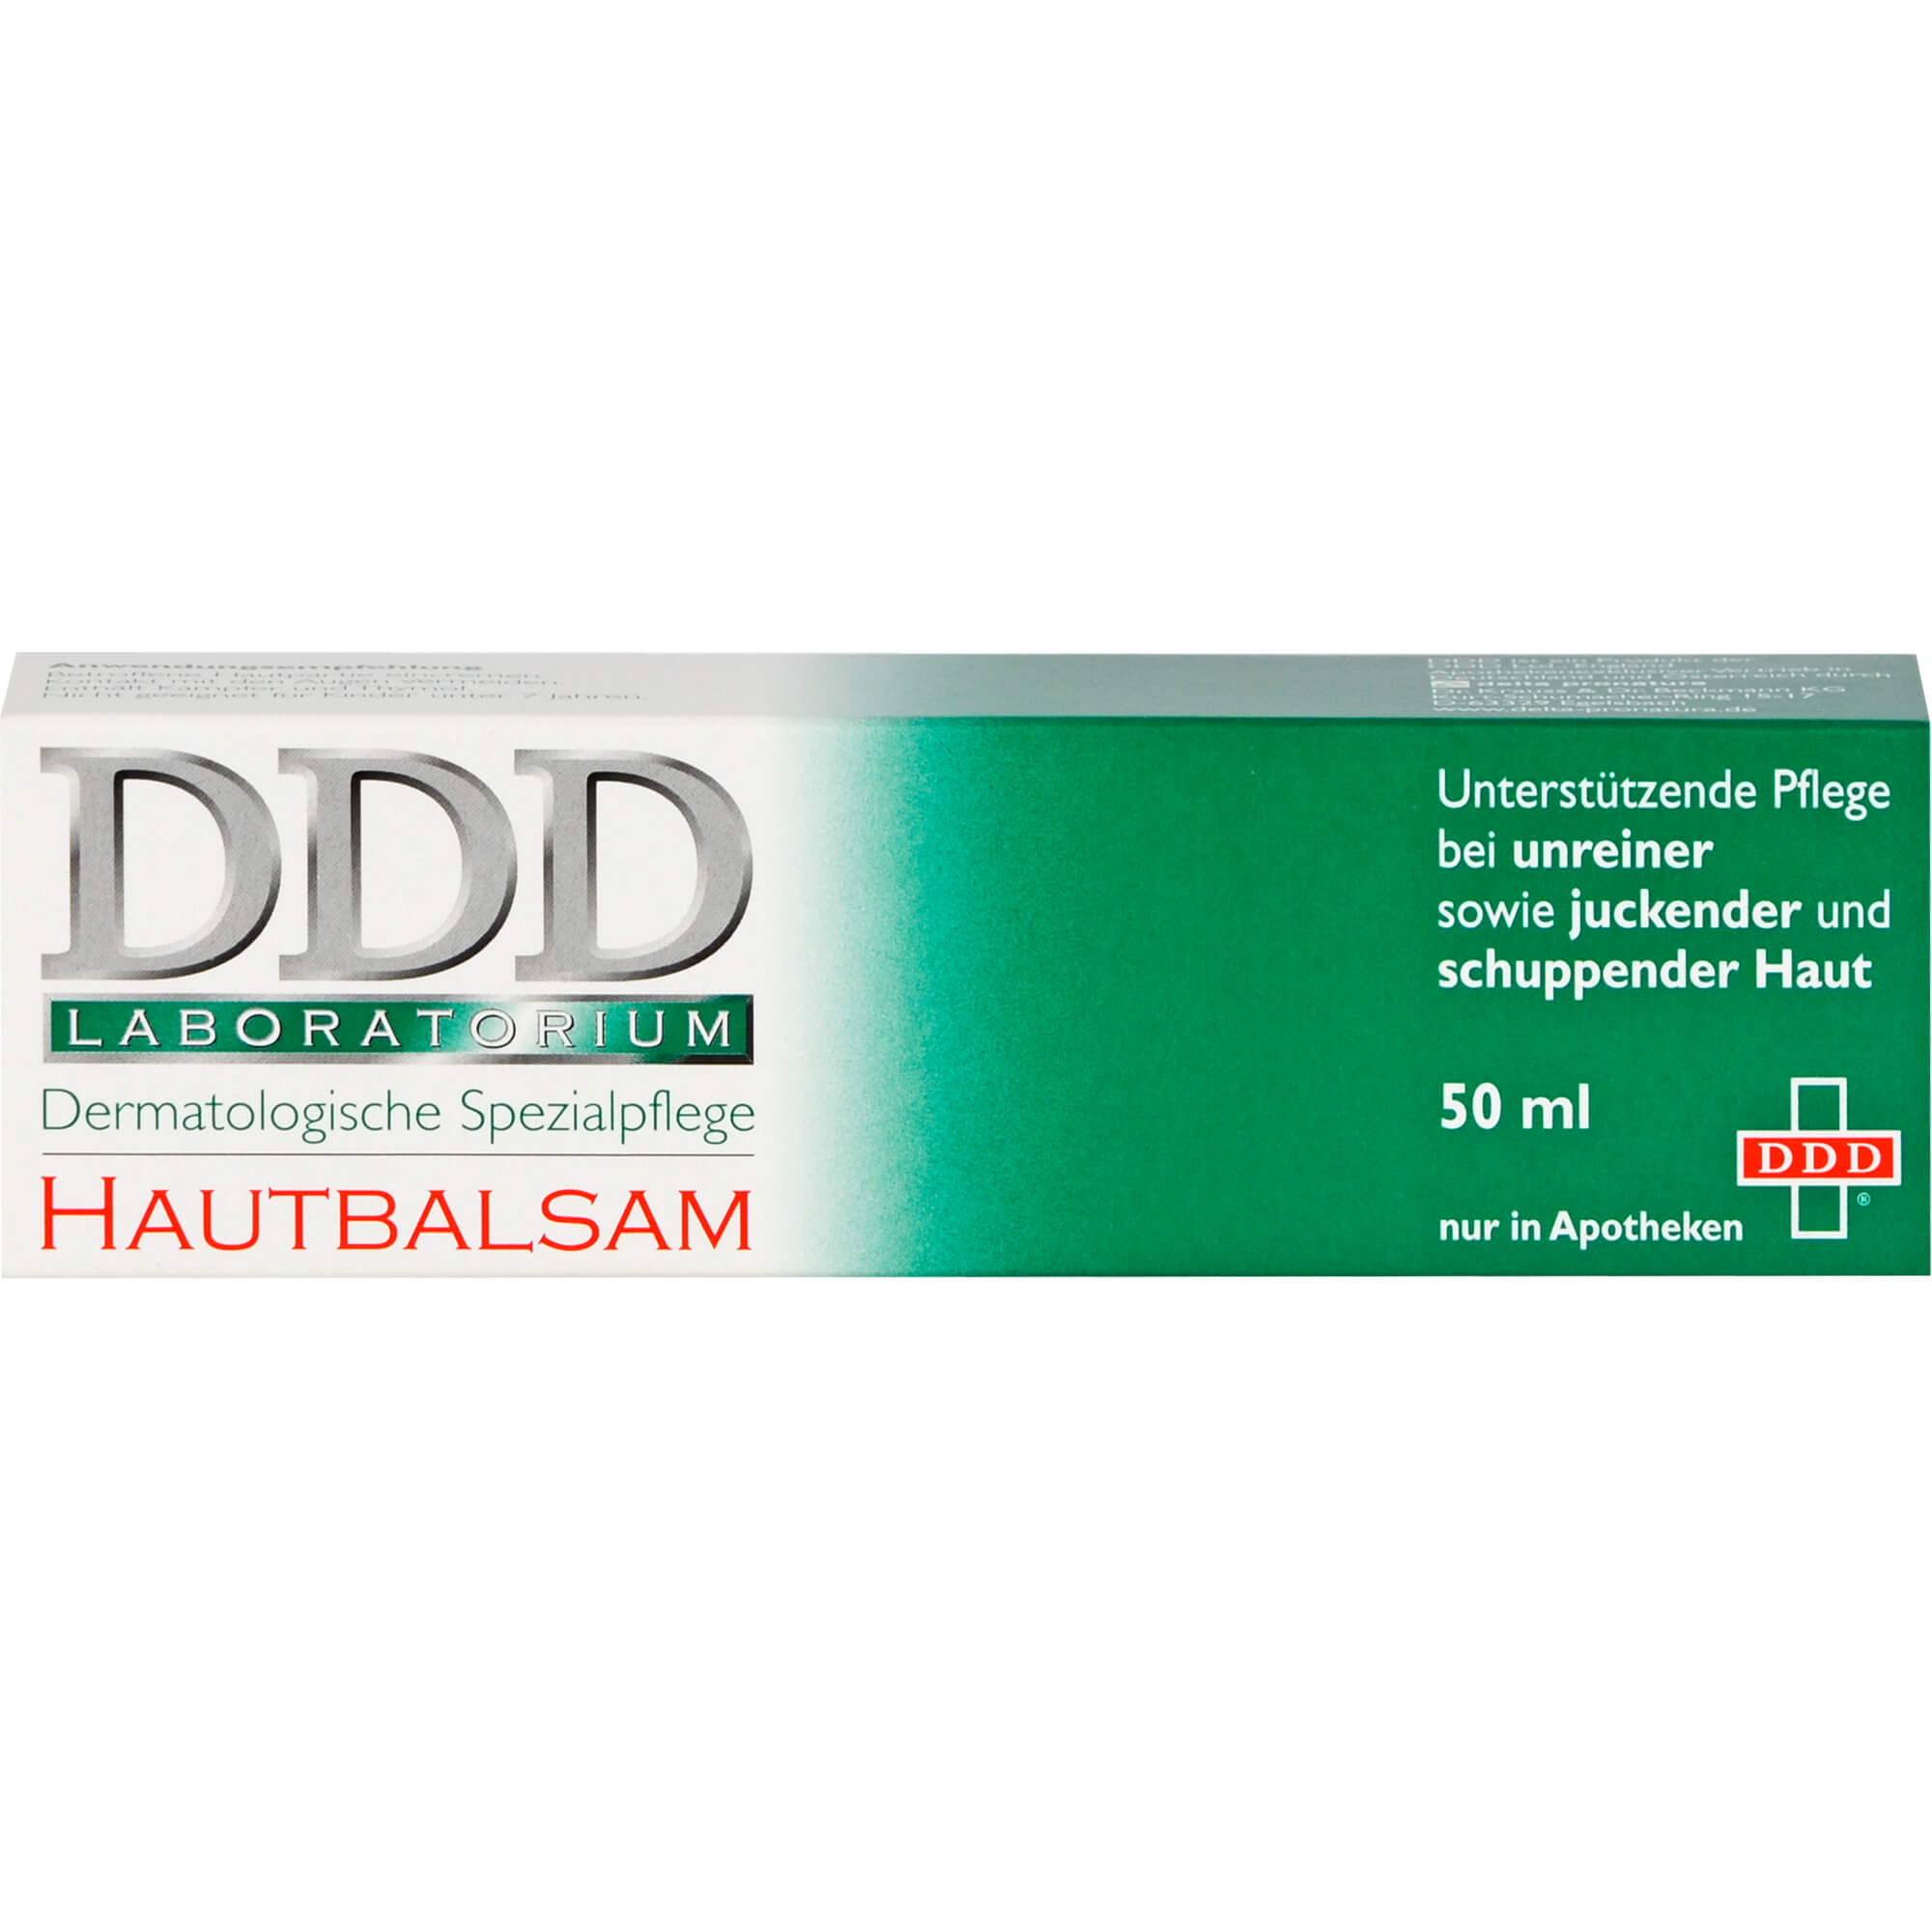 DDD-Hautbalsam-dermatologische-Spezialpflege